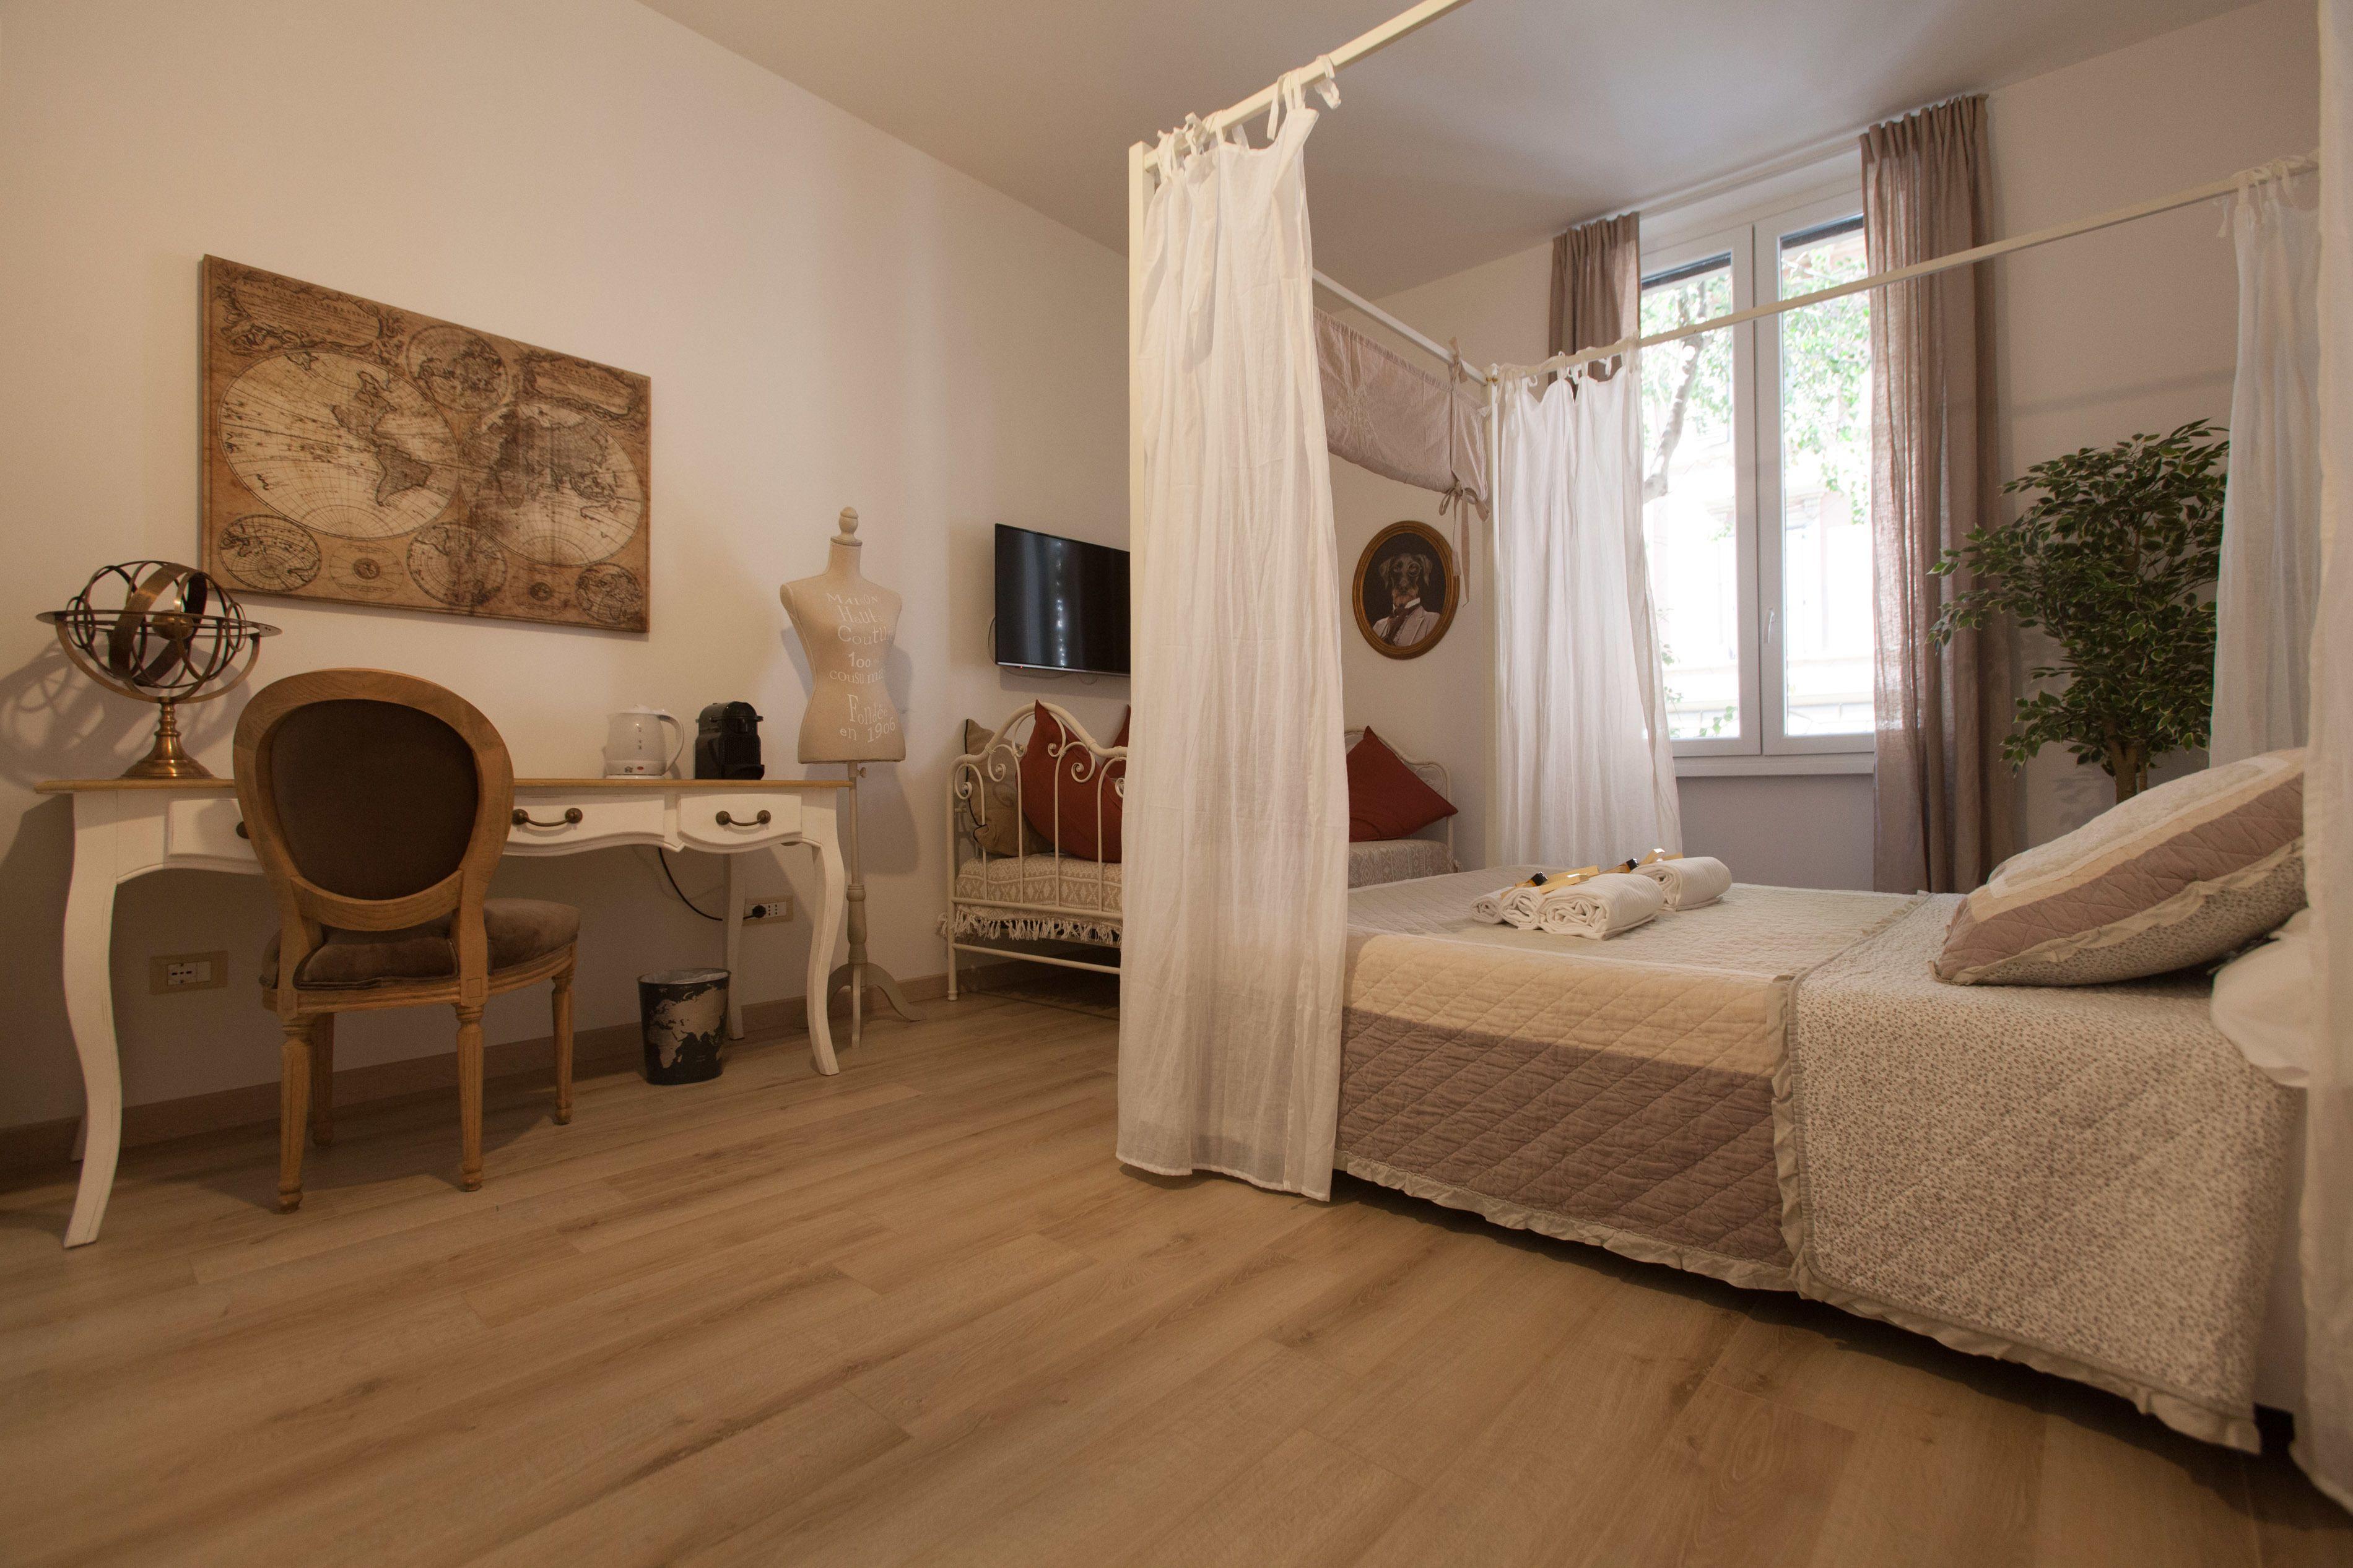 Popolo And Flaminio Rooms